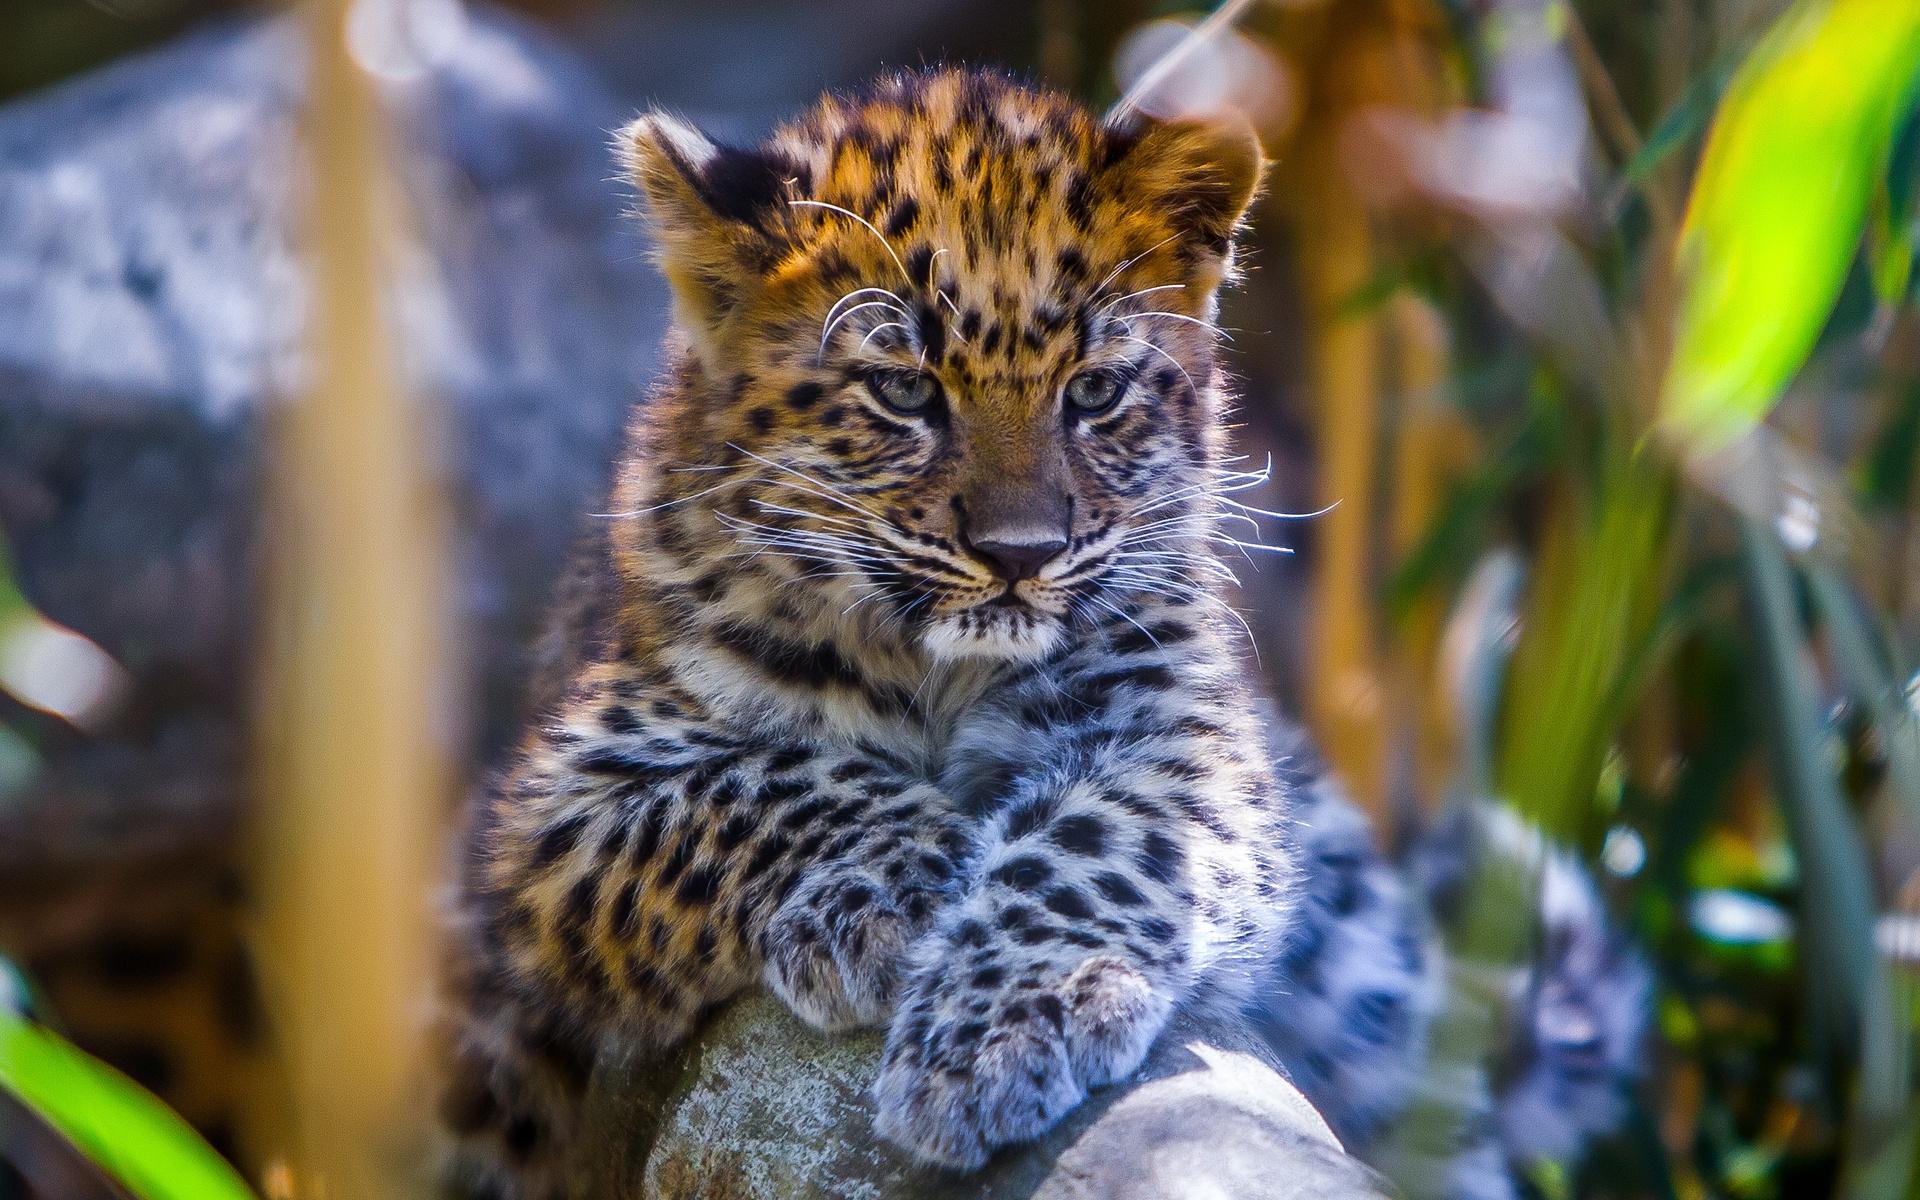 вами, леопард фото животного красивый слушайте скептиков